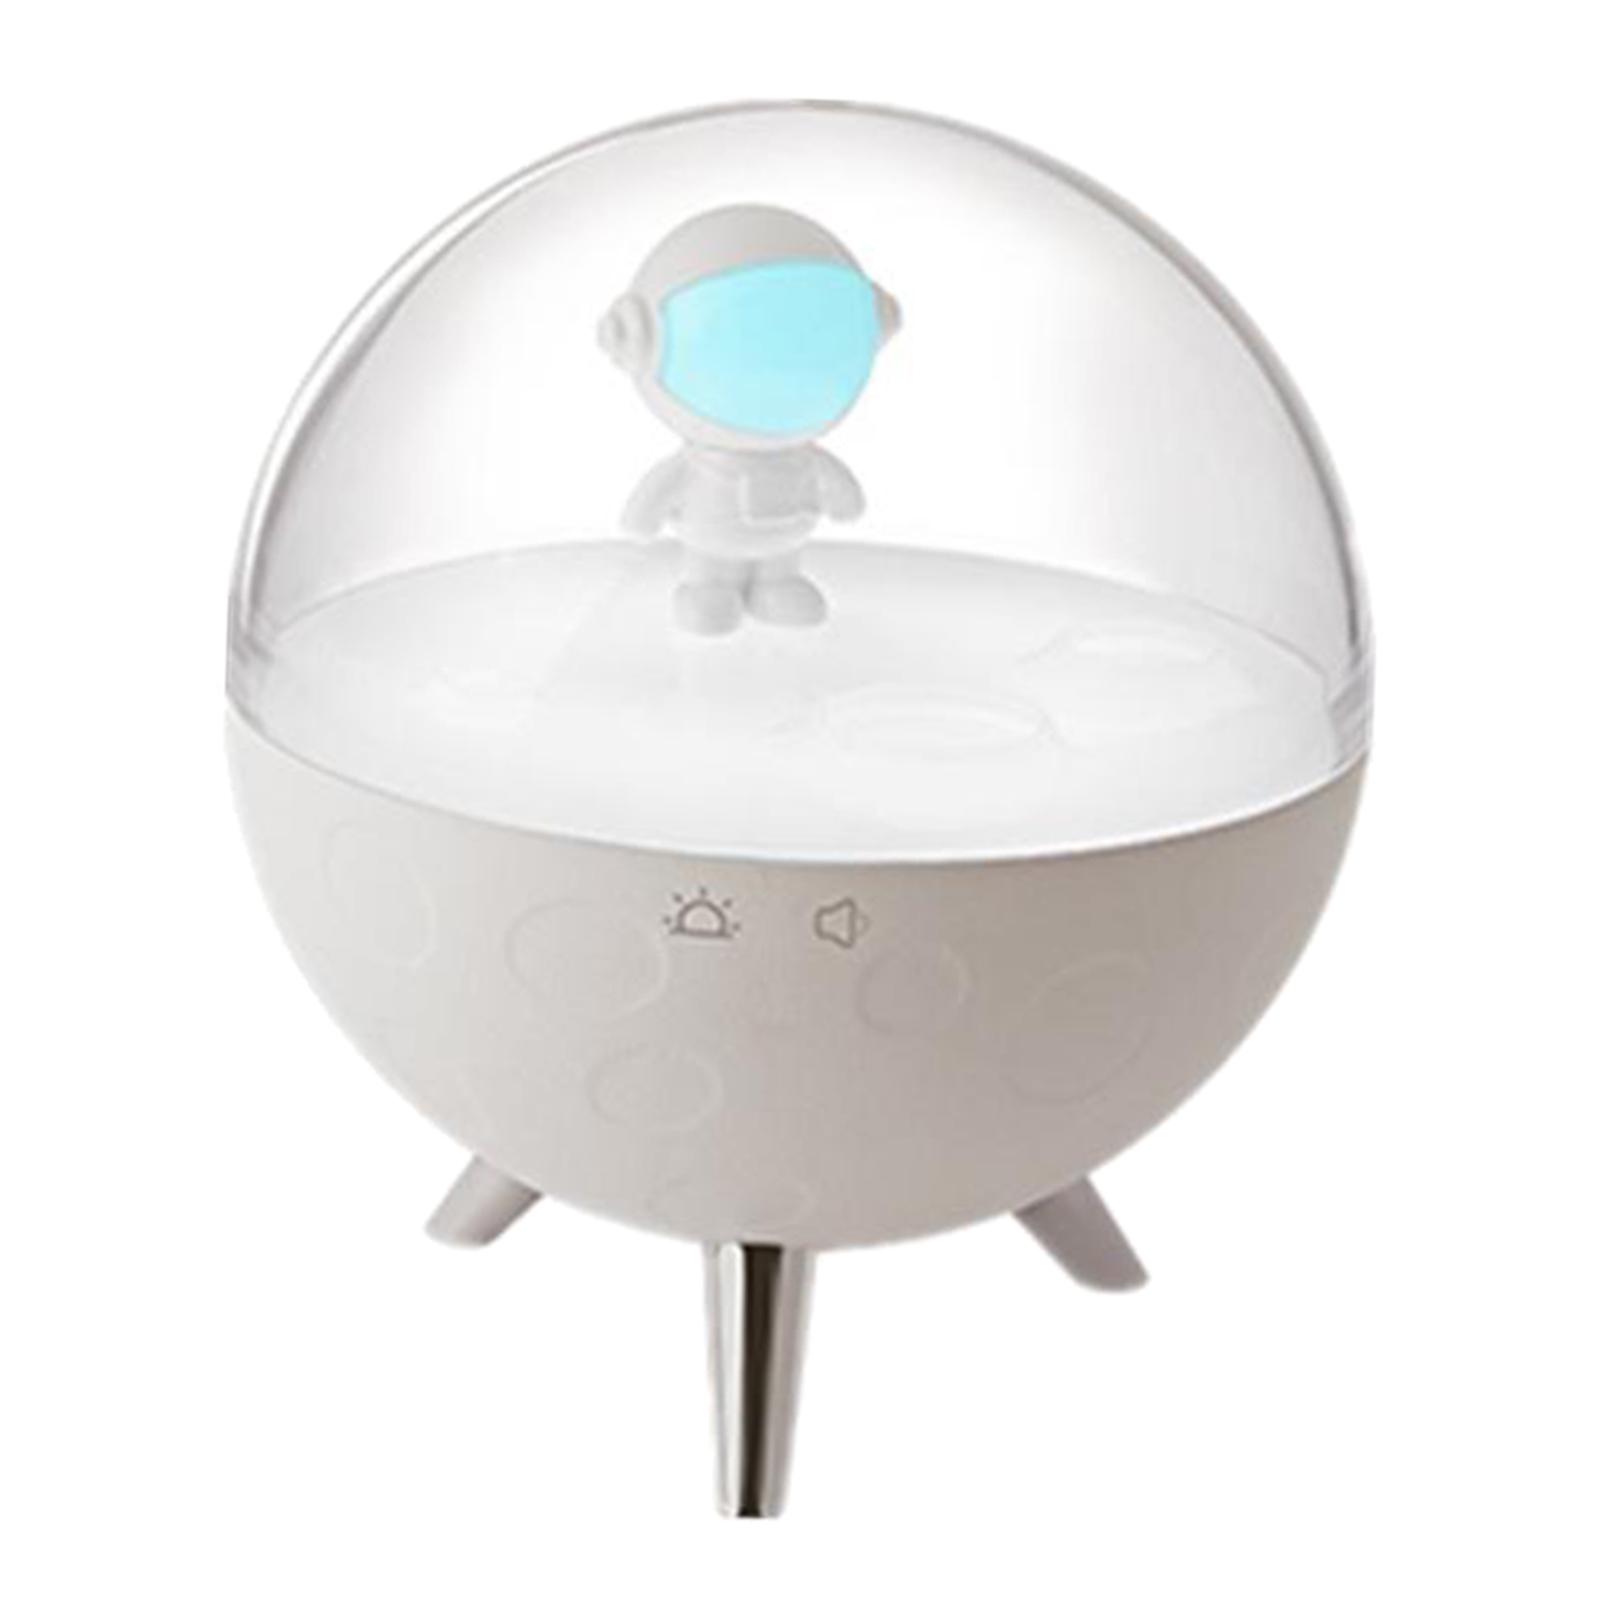 miniatura 14 - Spaceman Luce di Notte per I Bambini Ricaricabile HA CONDOTTO LA Camera Da Letto